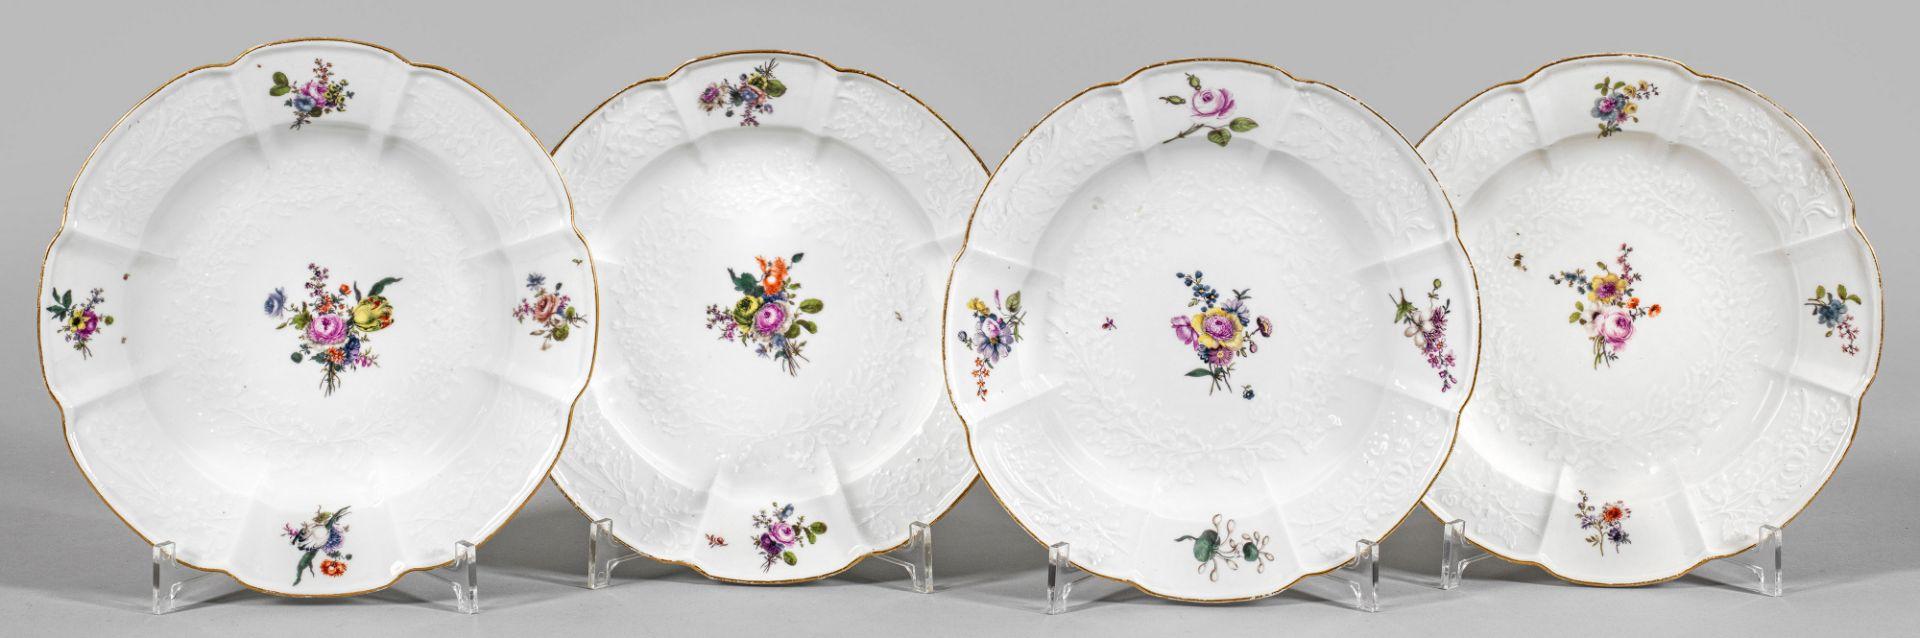 Vier Zierteller mit Blumendekor - Bild 2 aus 2